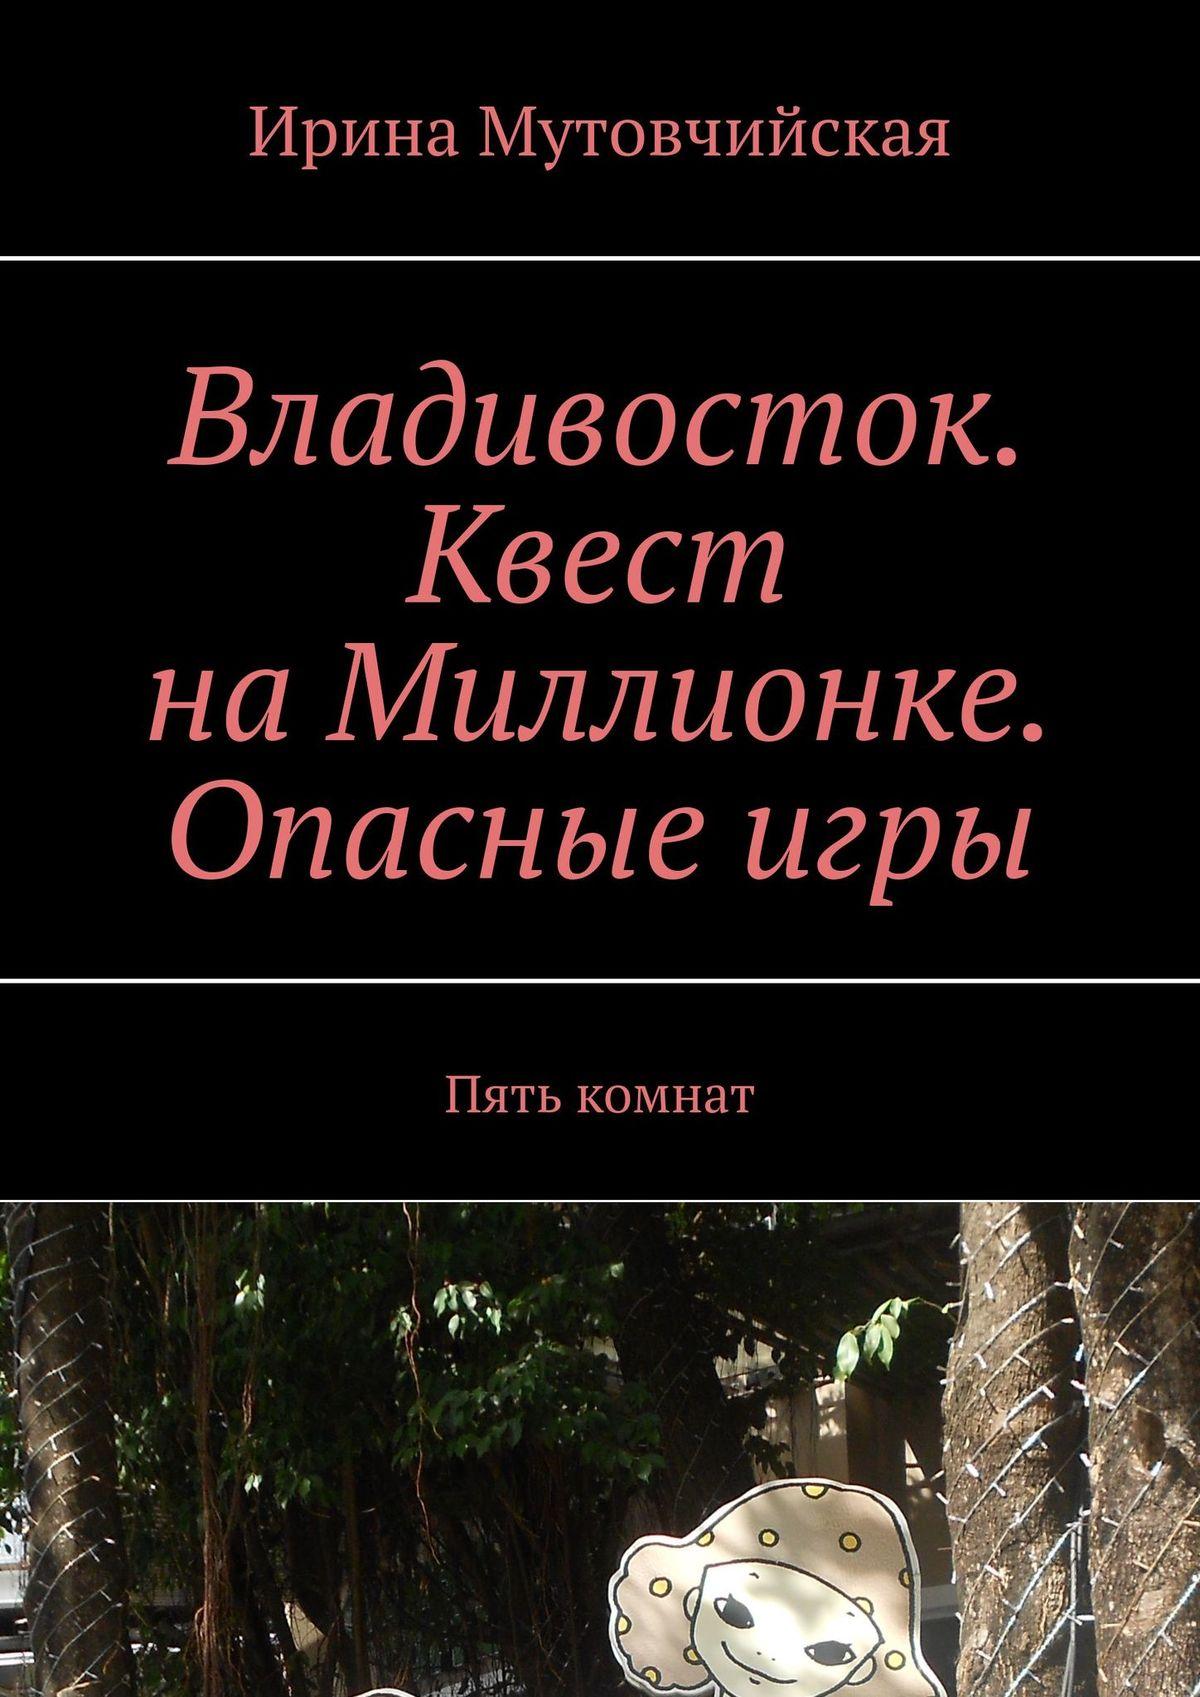 Ирина Мутовчийская Квест на Миллионке. Опасные игры. Пять комнат